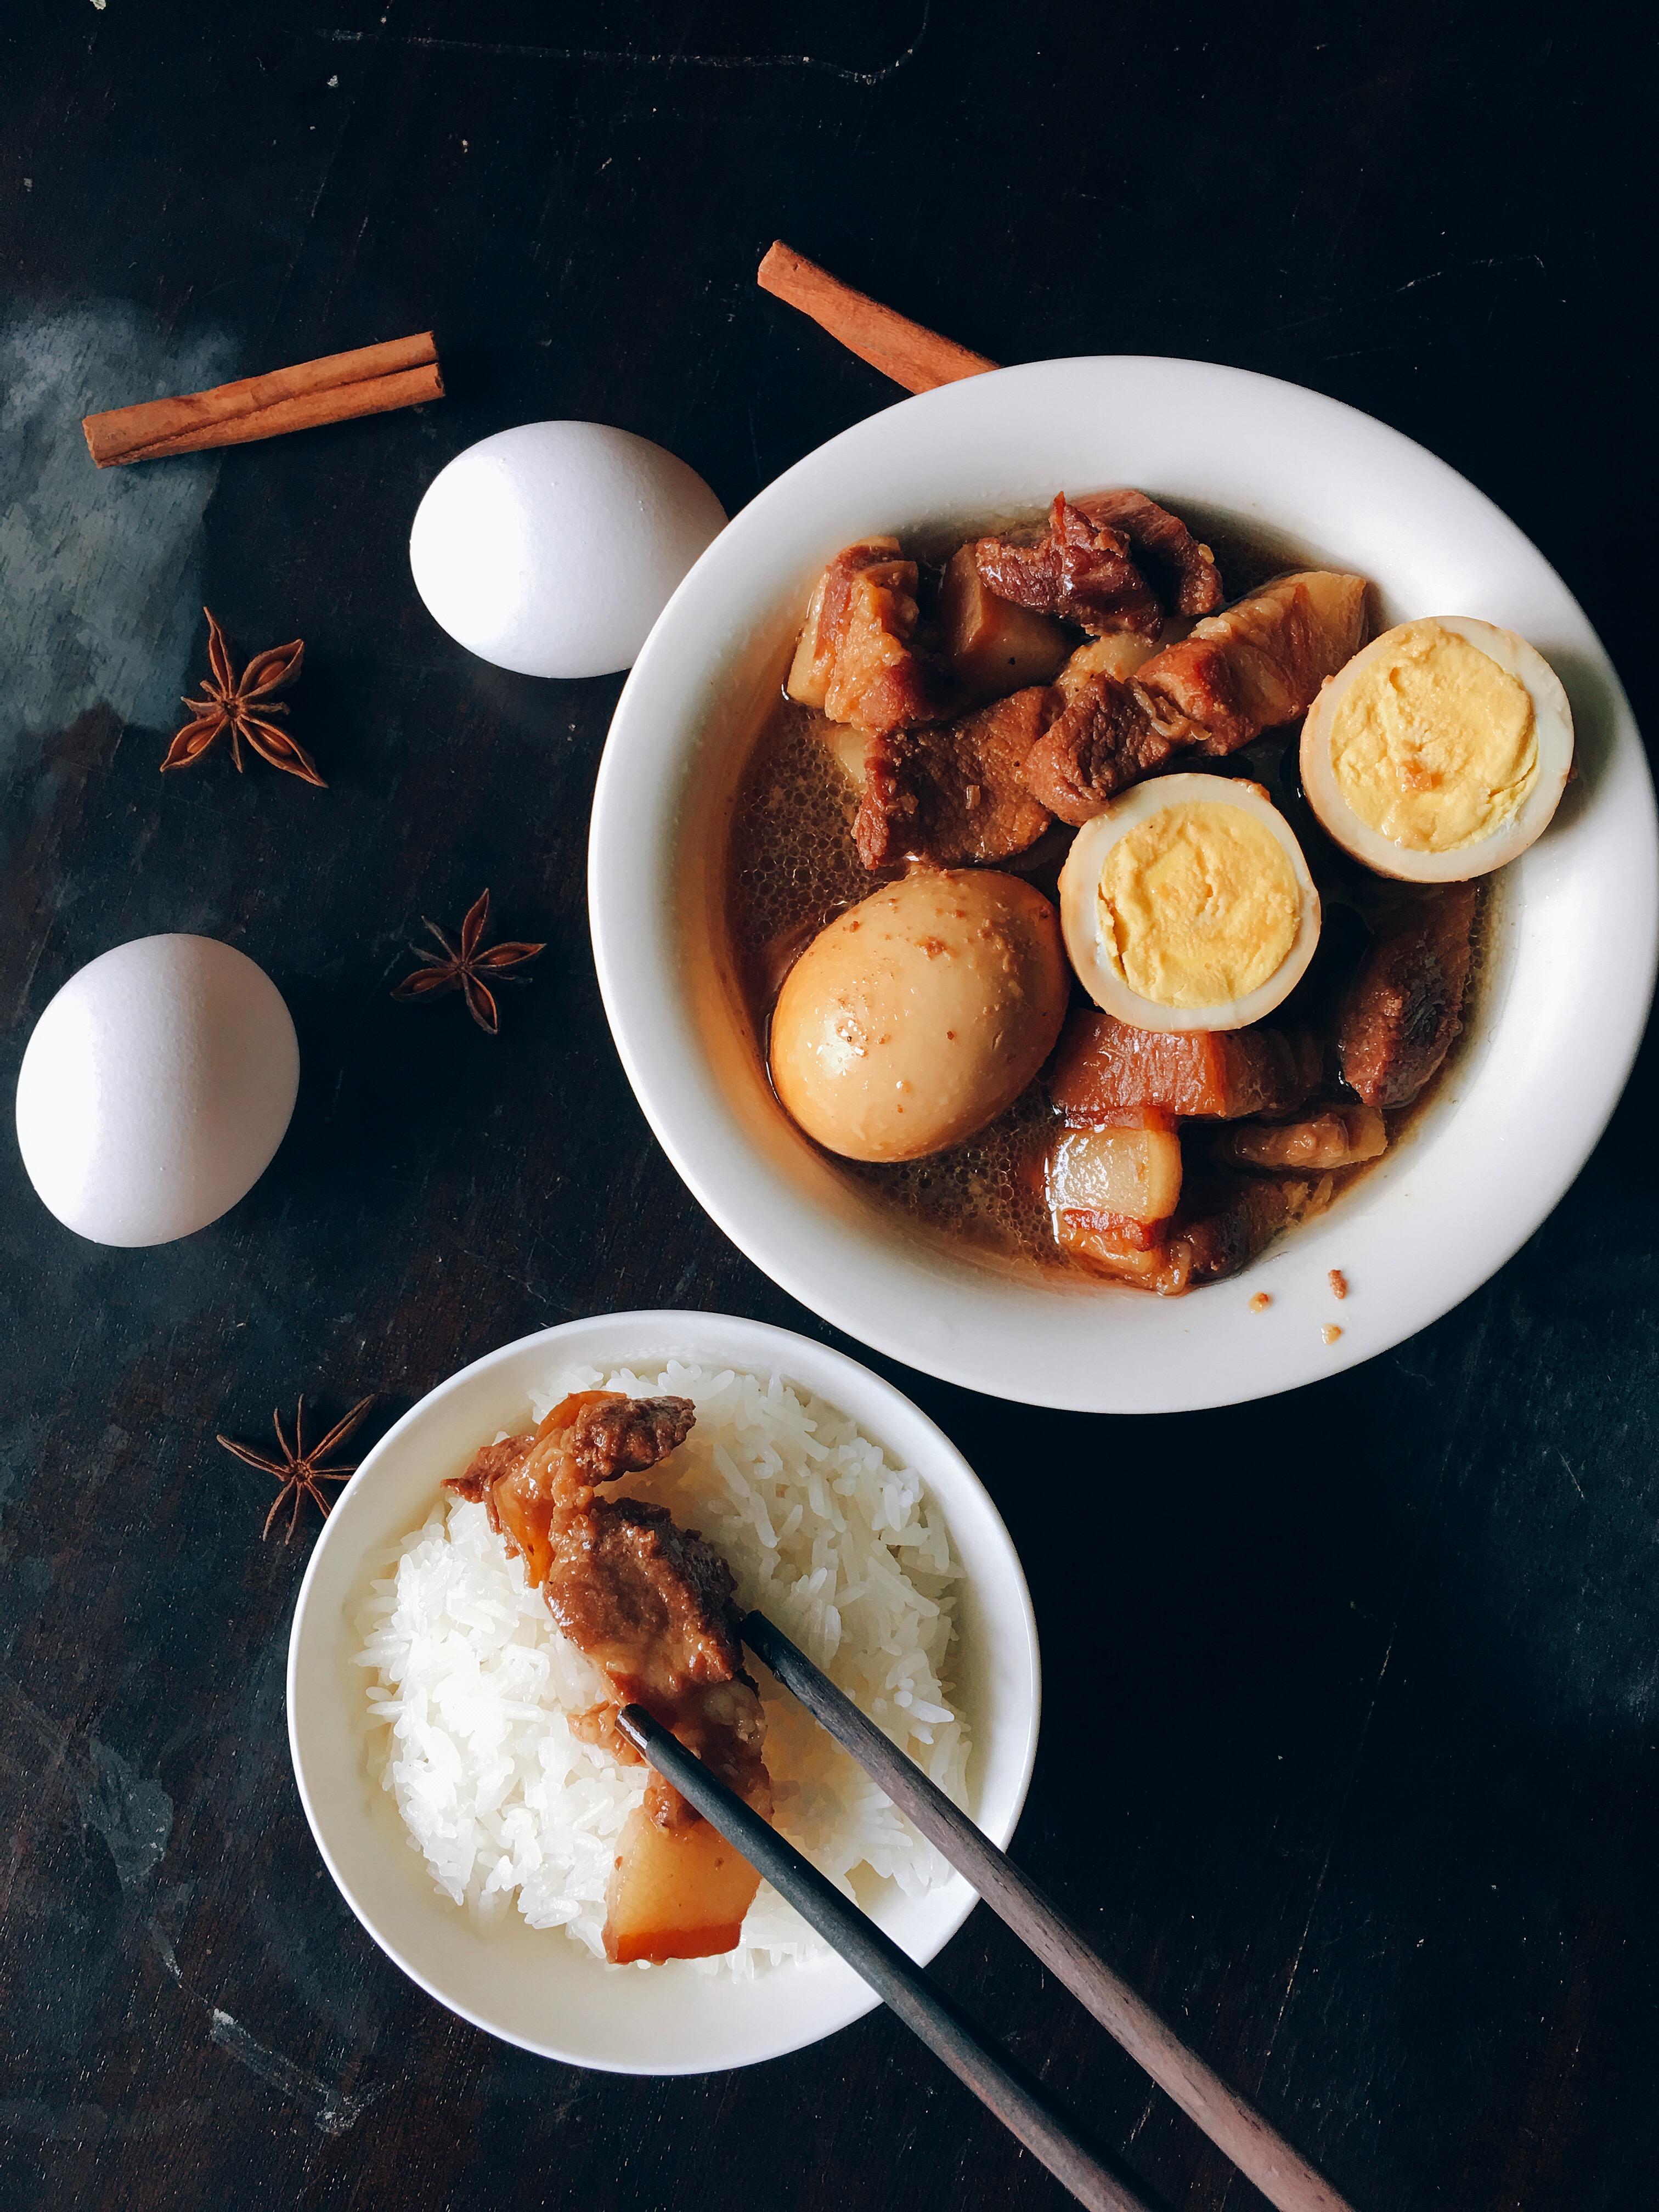 Chiêm bao ăn cơm với thịt có may mắn không?